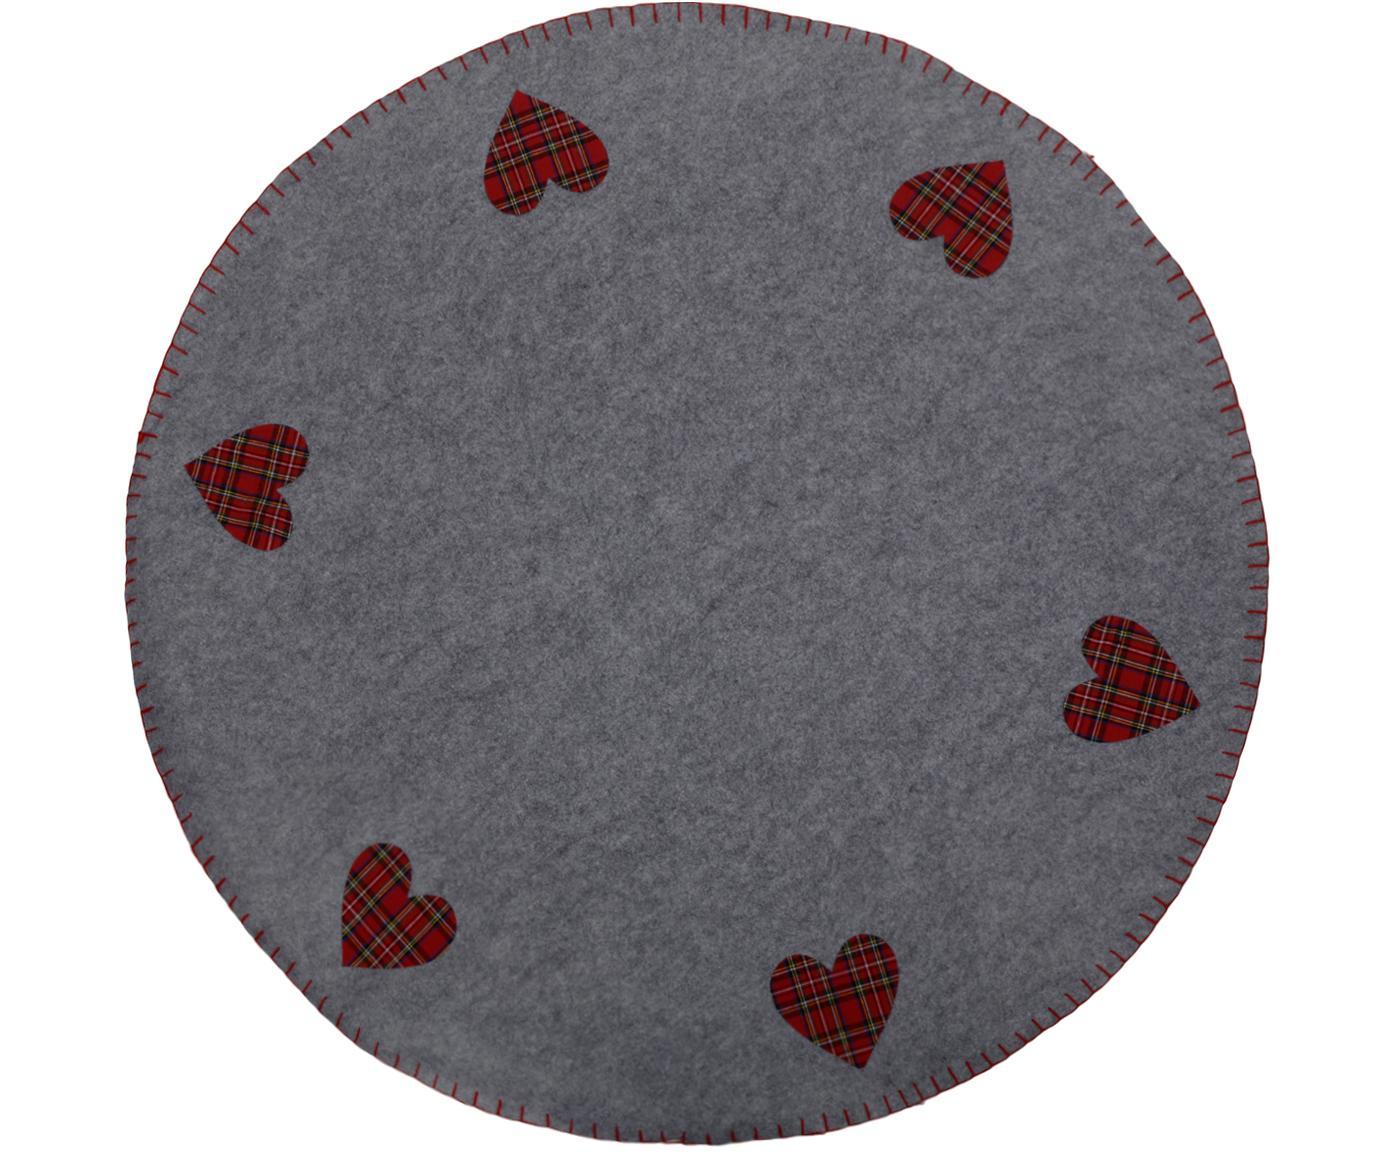 Weihnachtsbaumdecke Heart, Filz, Grau, Rot, Schwarz, Weiss, Gelb, Ø 100 cm